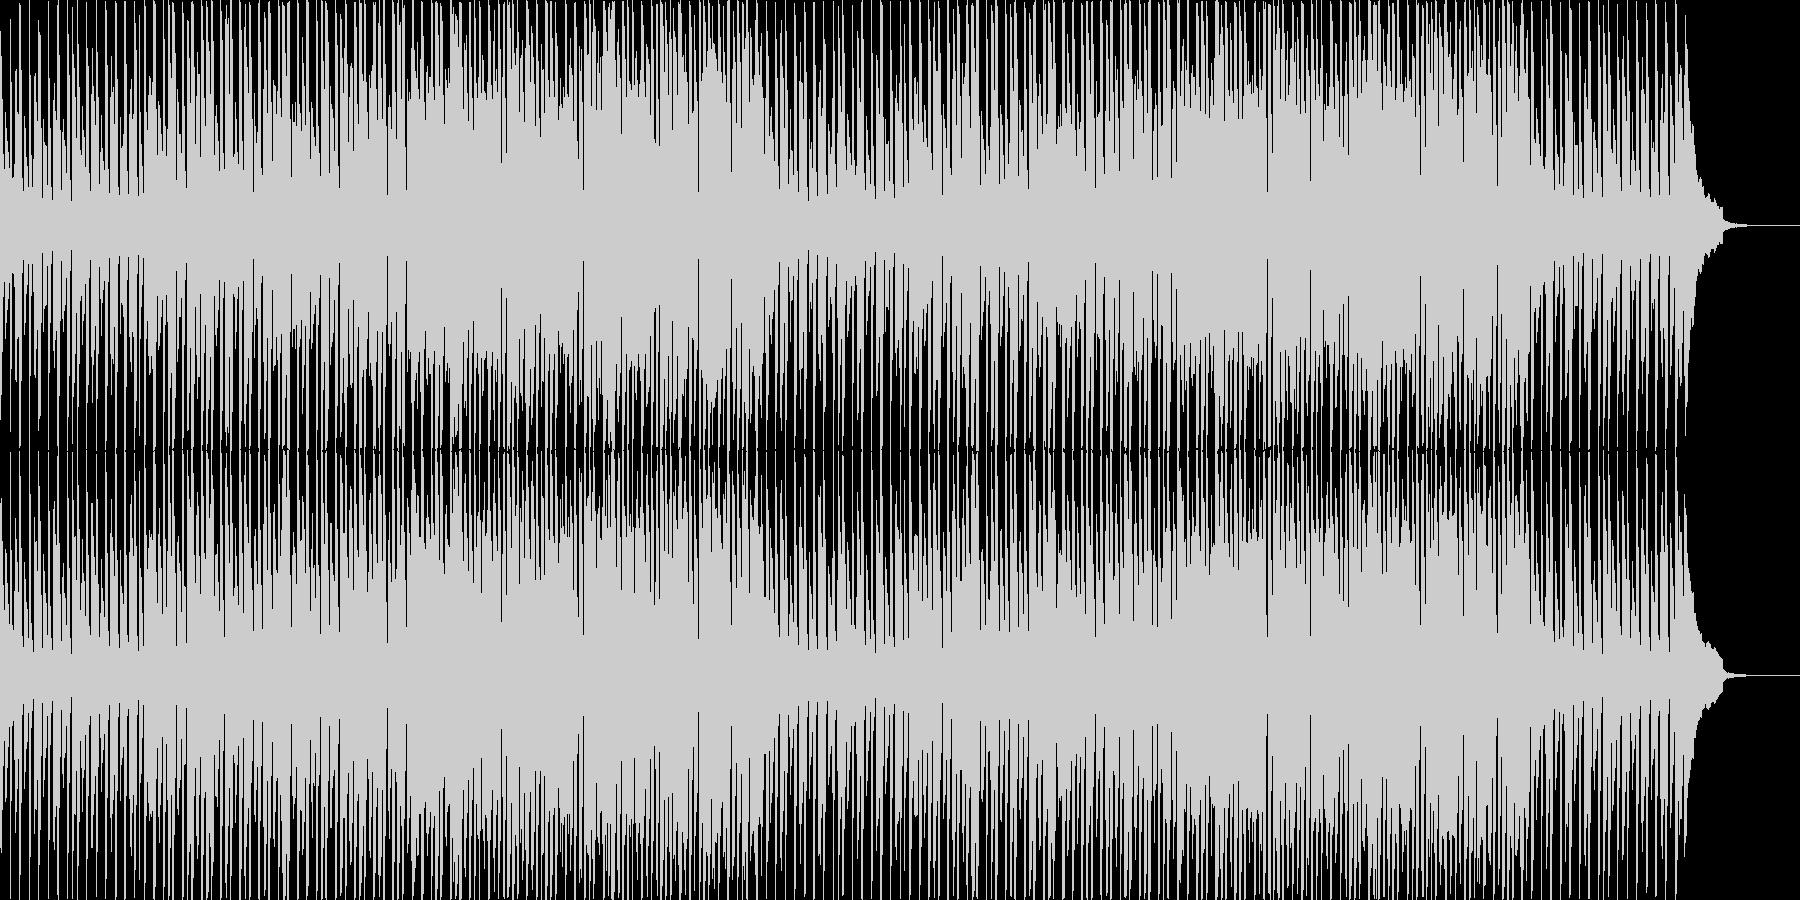 ワクワク楽しい雰囲気の軽快なBGMの未再生の波形